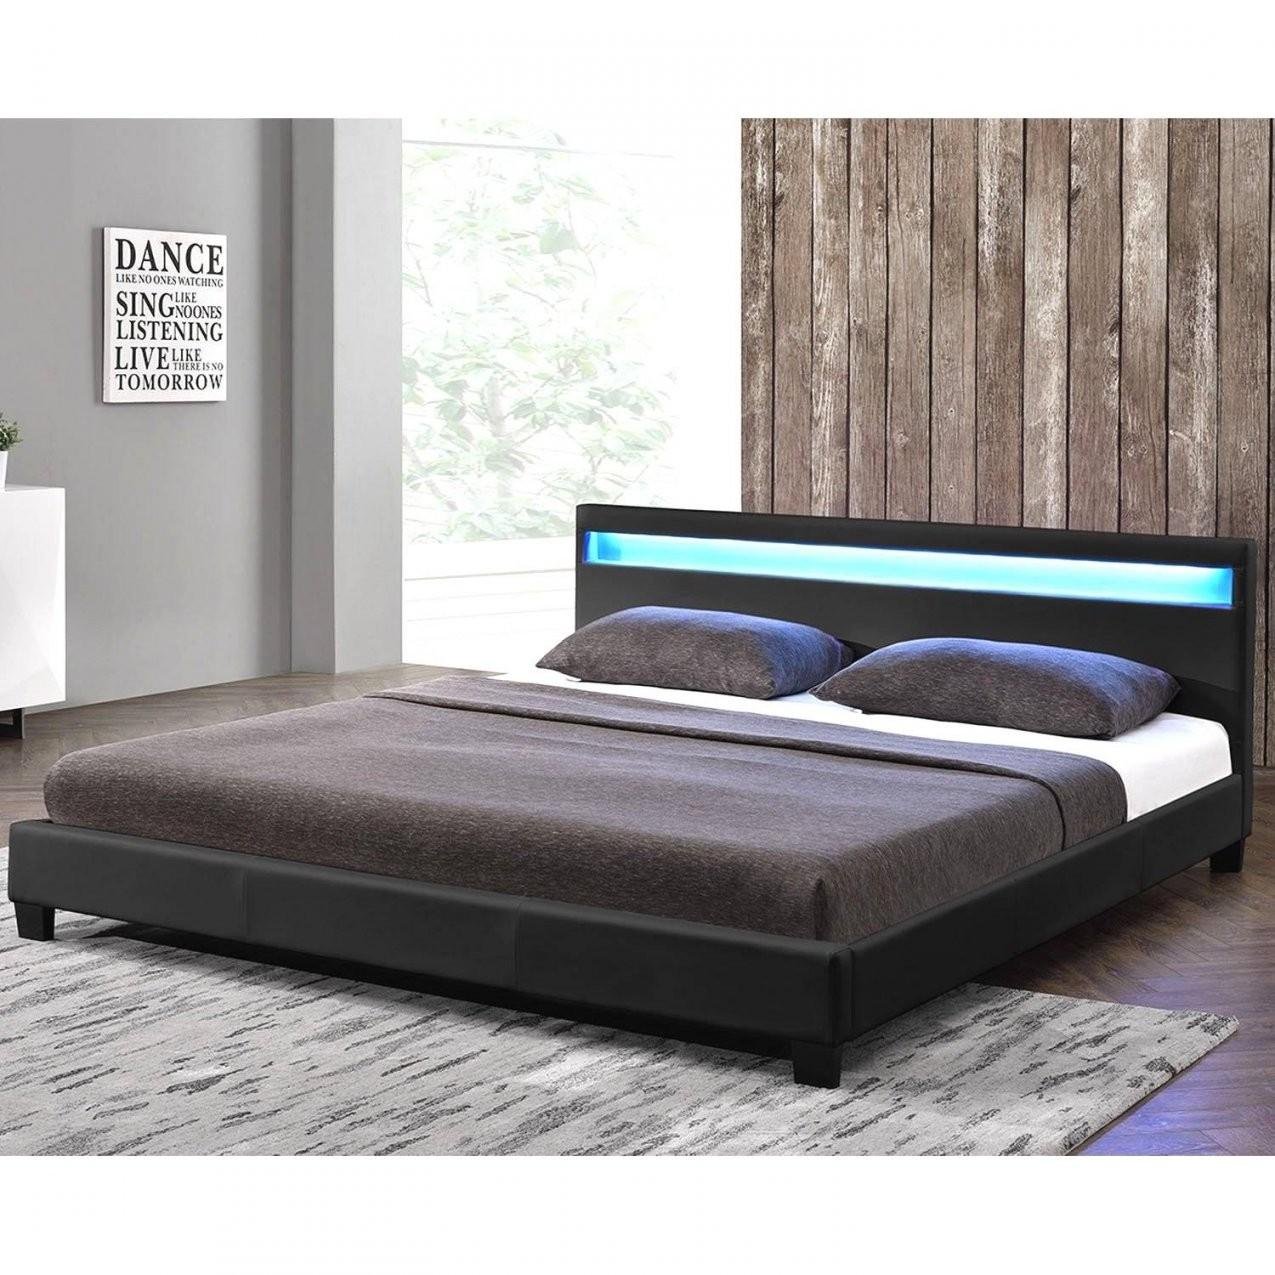 Roller Matratzen 140×200 Luxus Fantastisch 32 Gebrauchte Betten von Gebrauchte Betten 140X200 Photo